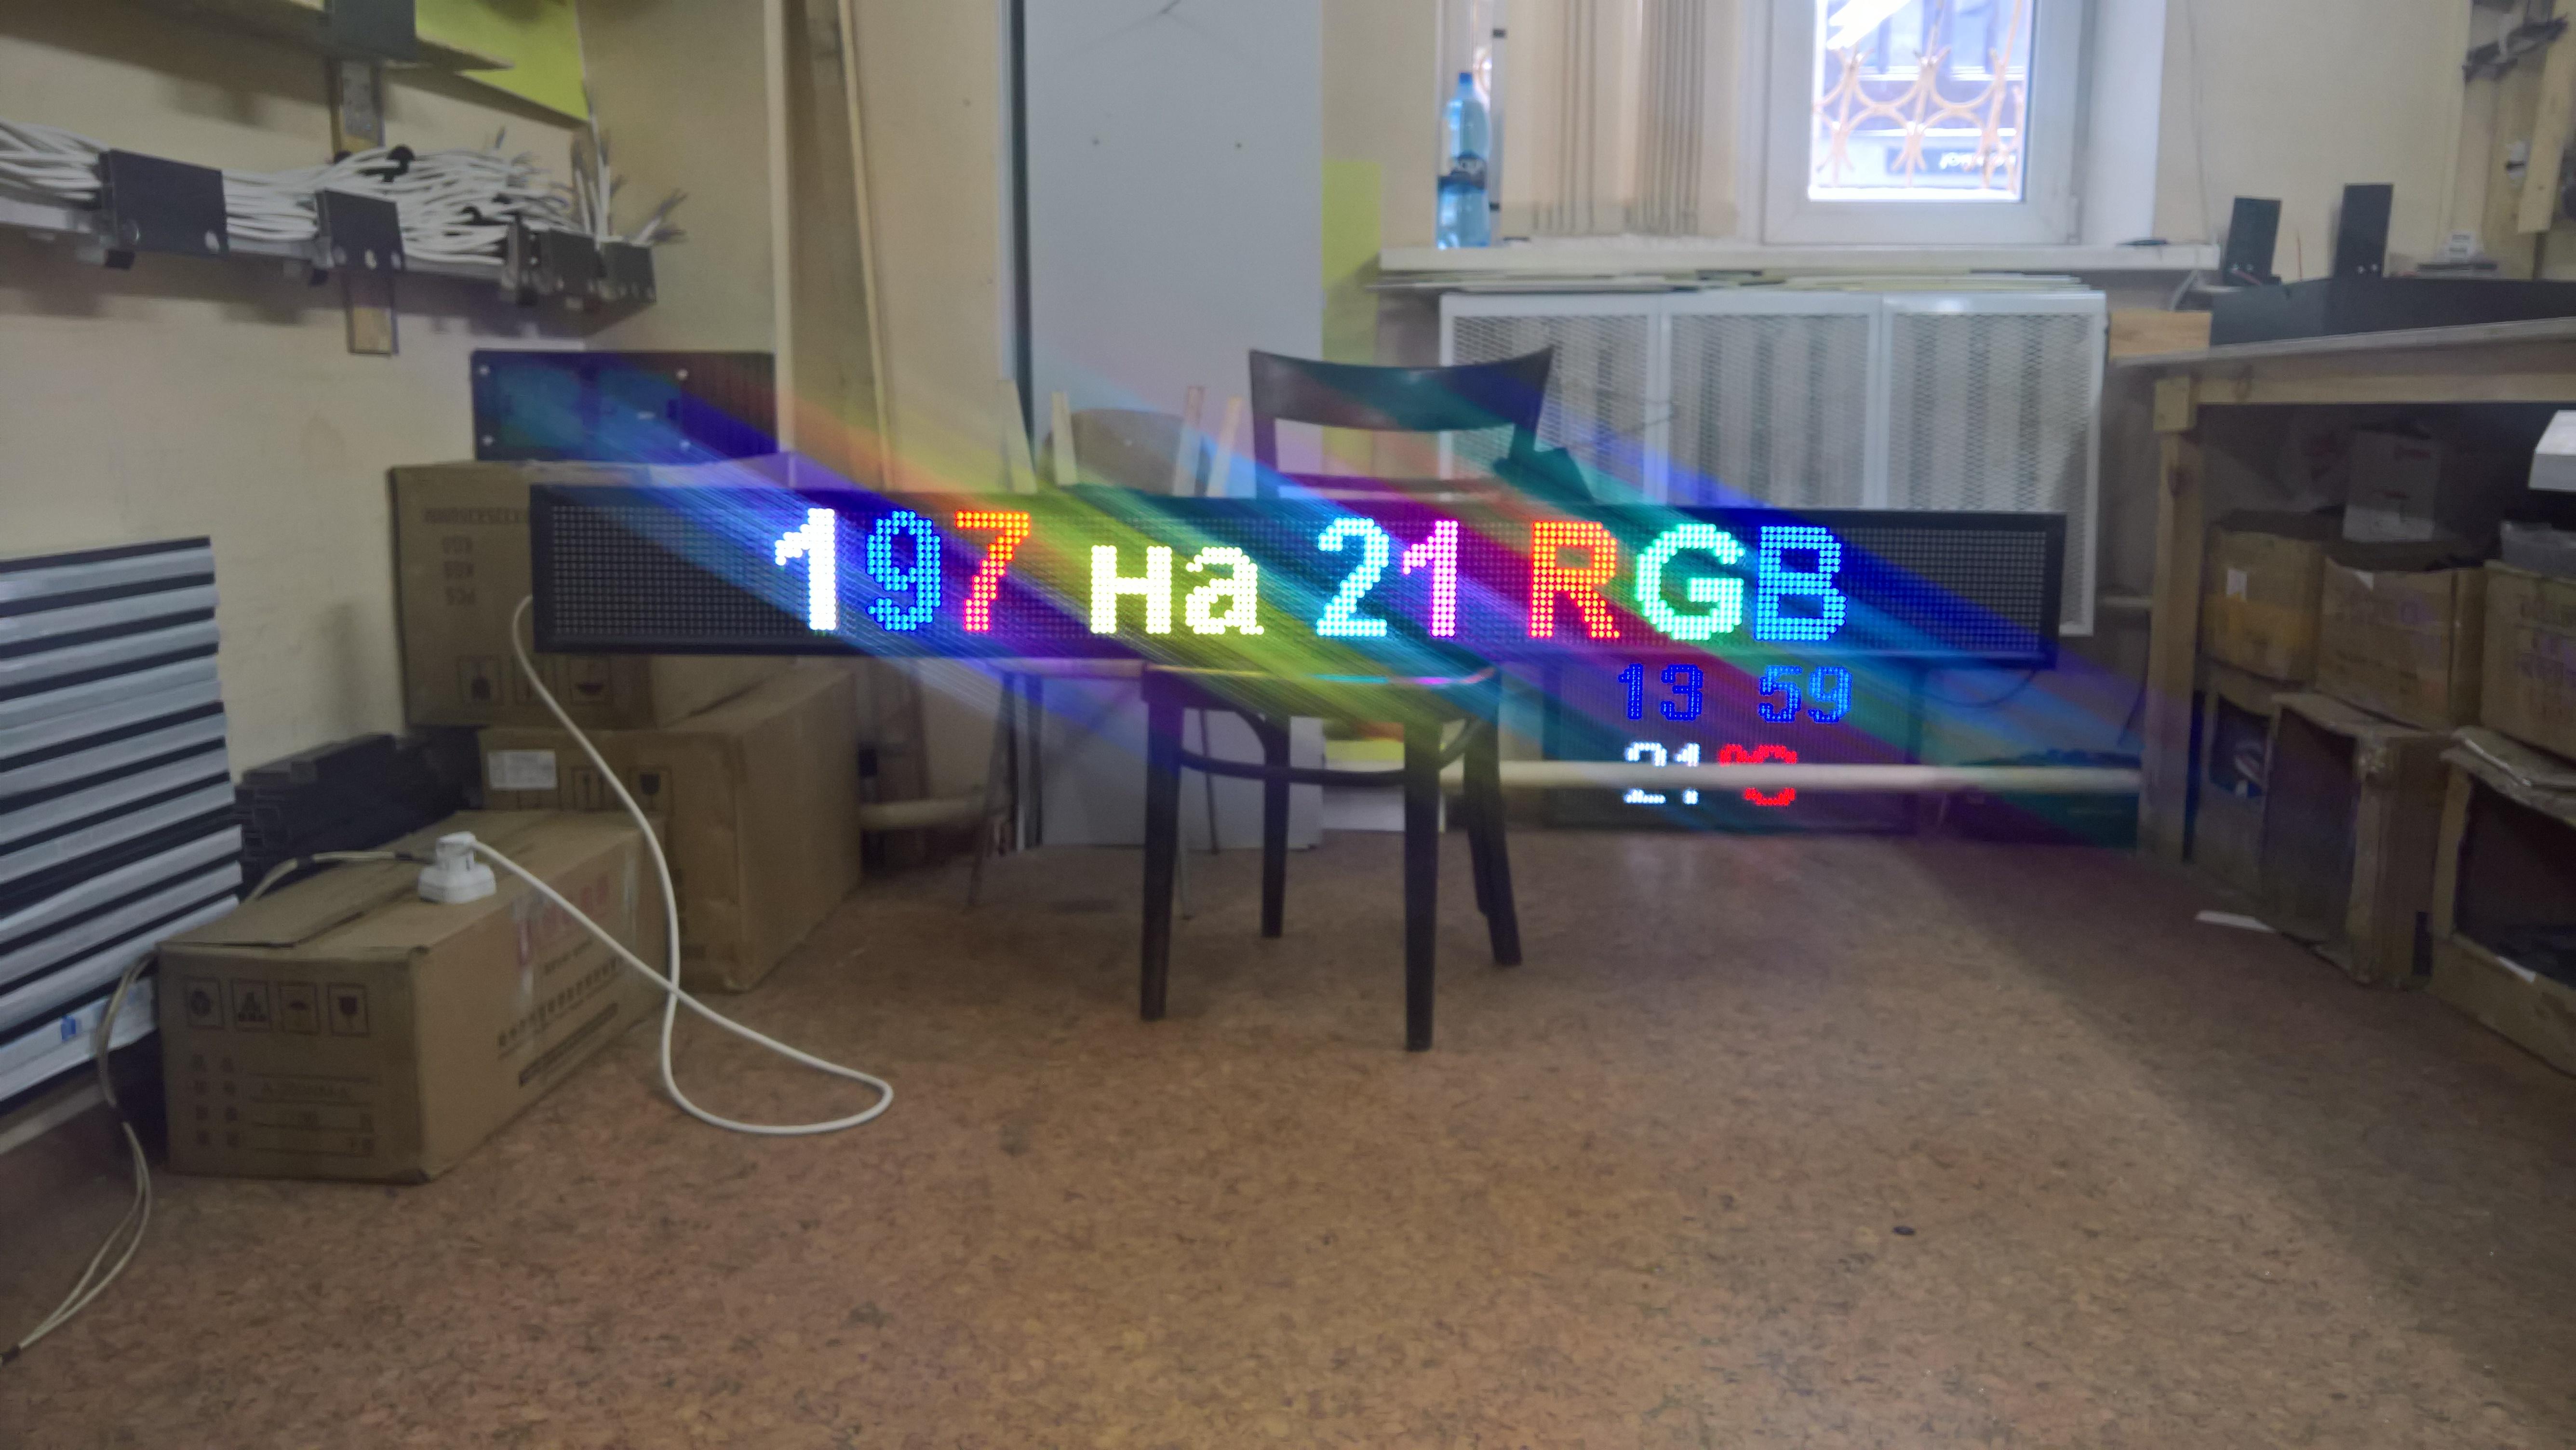 Электронная бегущая строка 2000 x 200 мм. Цветная